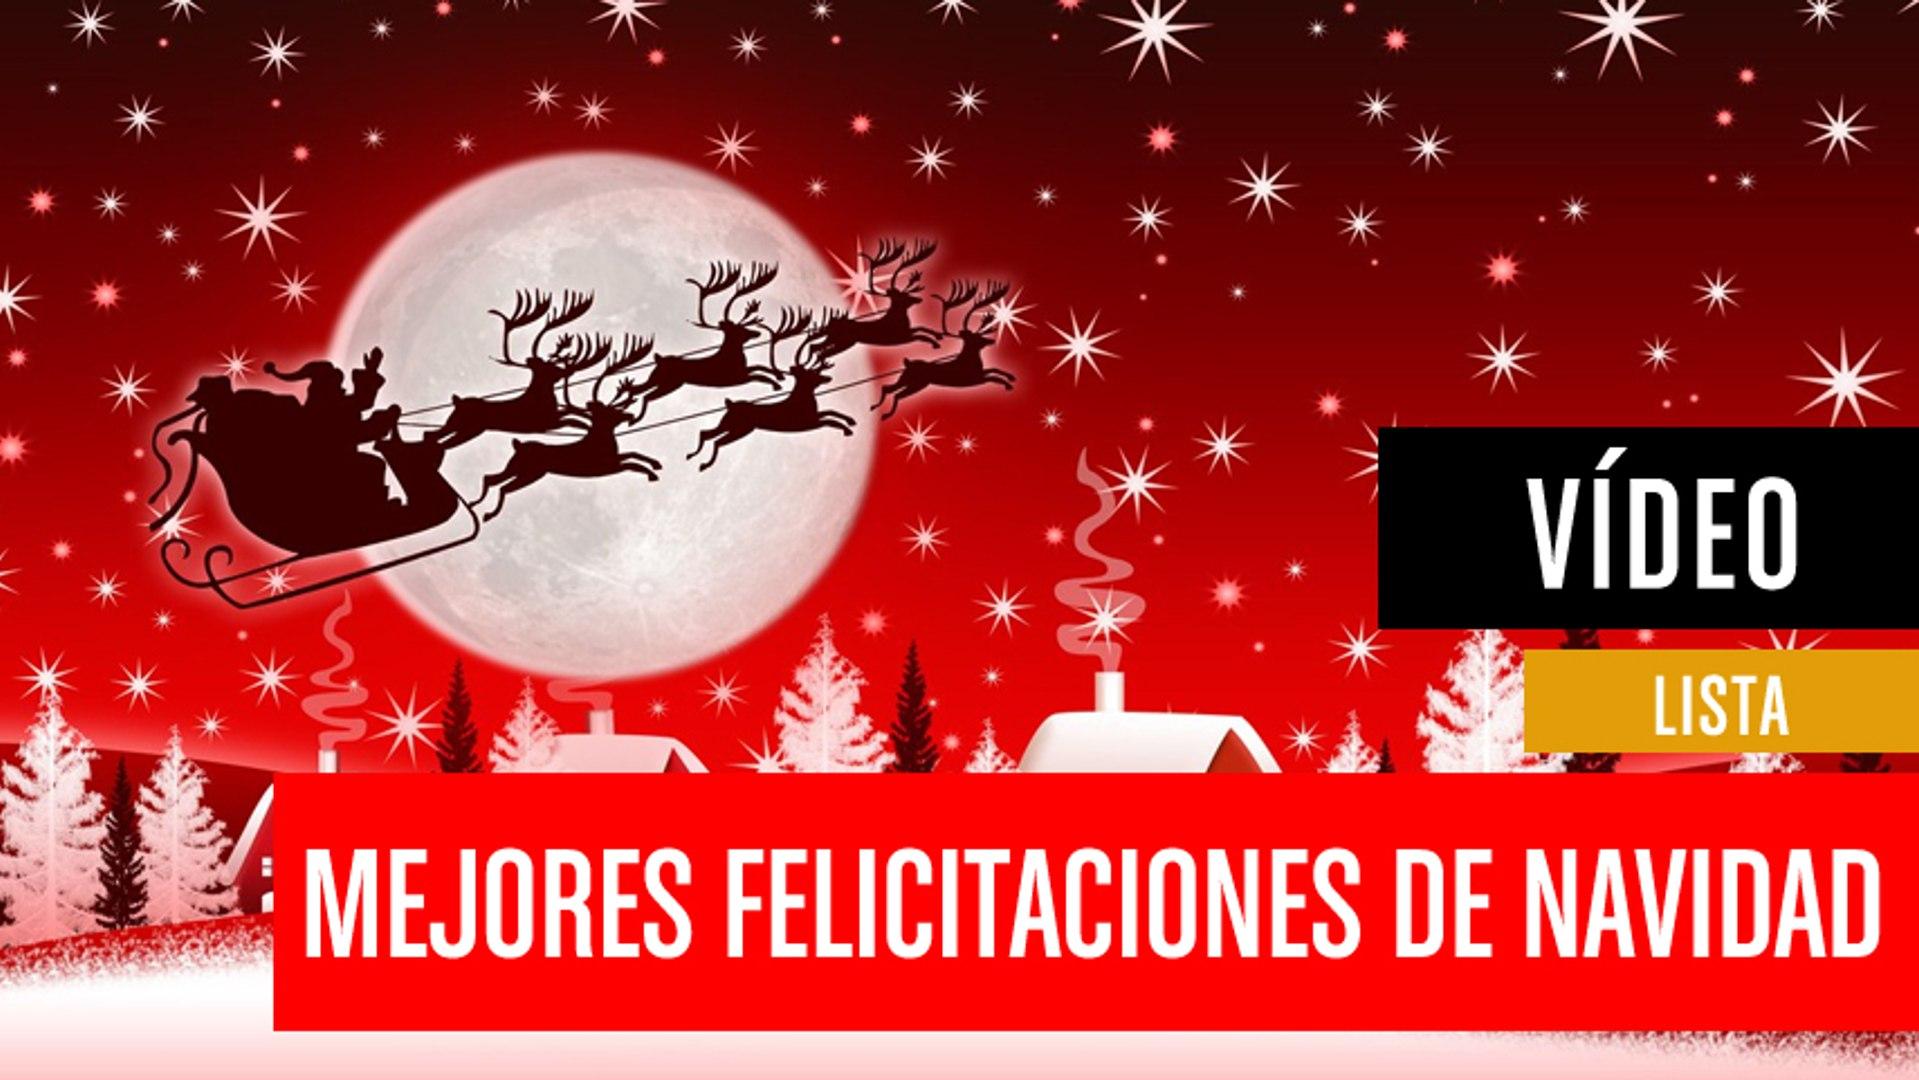 Felicitaciones De Navidad Las Mejores.Las Mejores Felicitaciones De Navidad